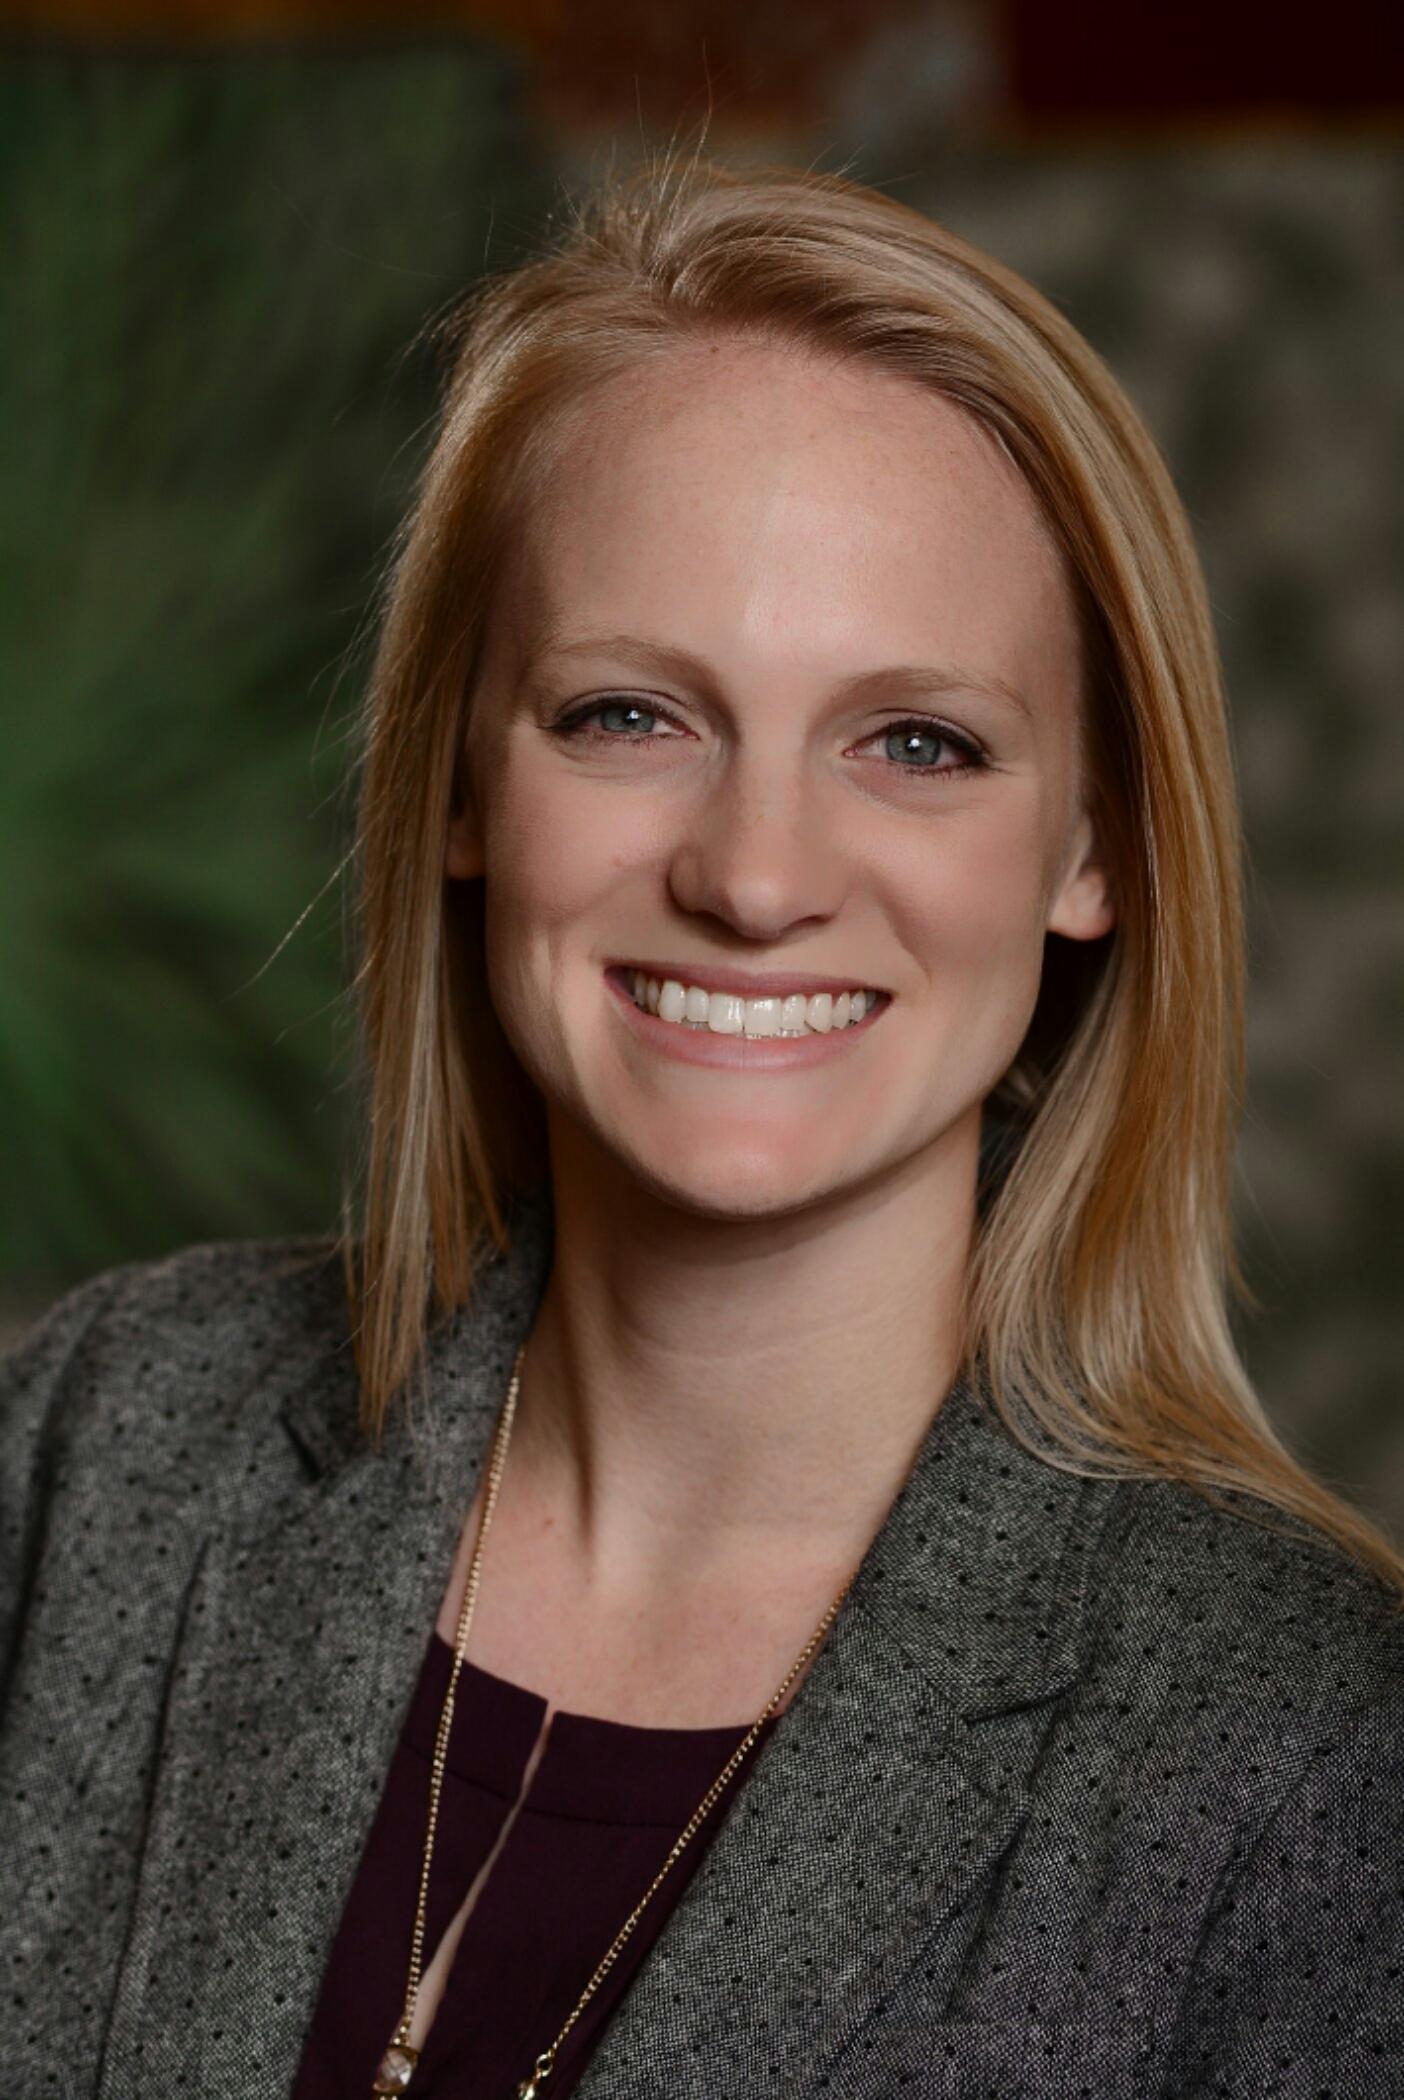 Kristy Laughlin ('08) - President (07-08); Treasurer (06-07, 05-06)Manager @ Deloitte & Touche LLPArlington, VA